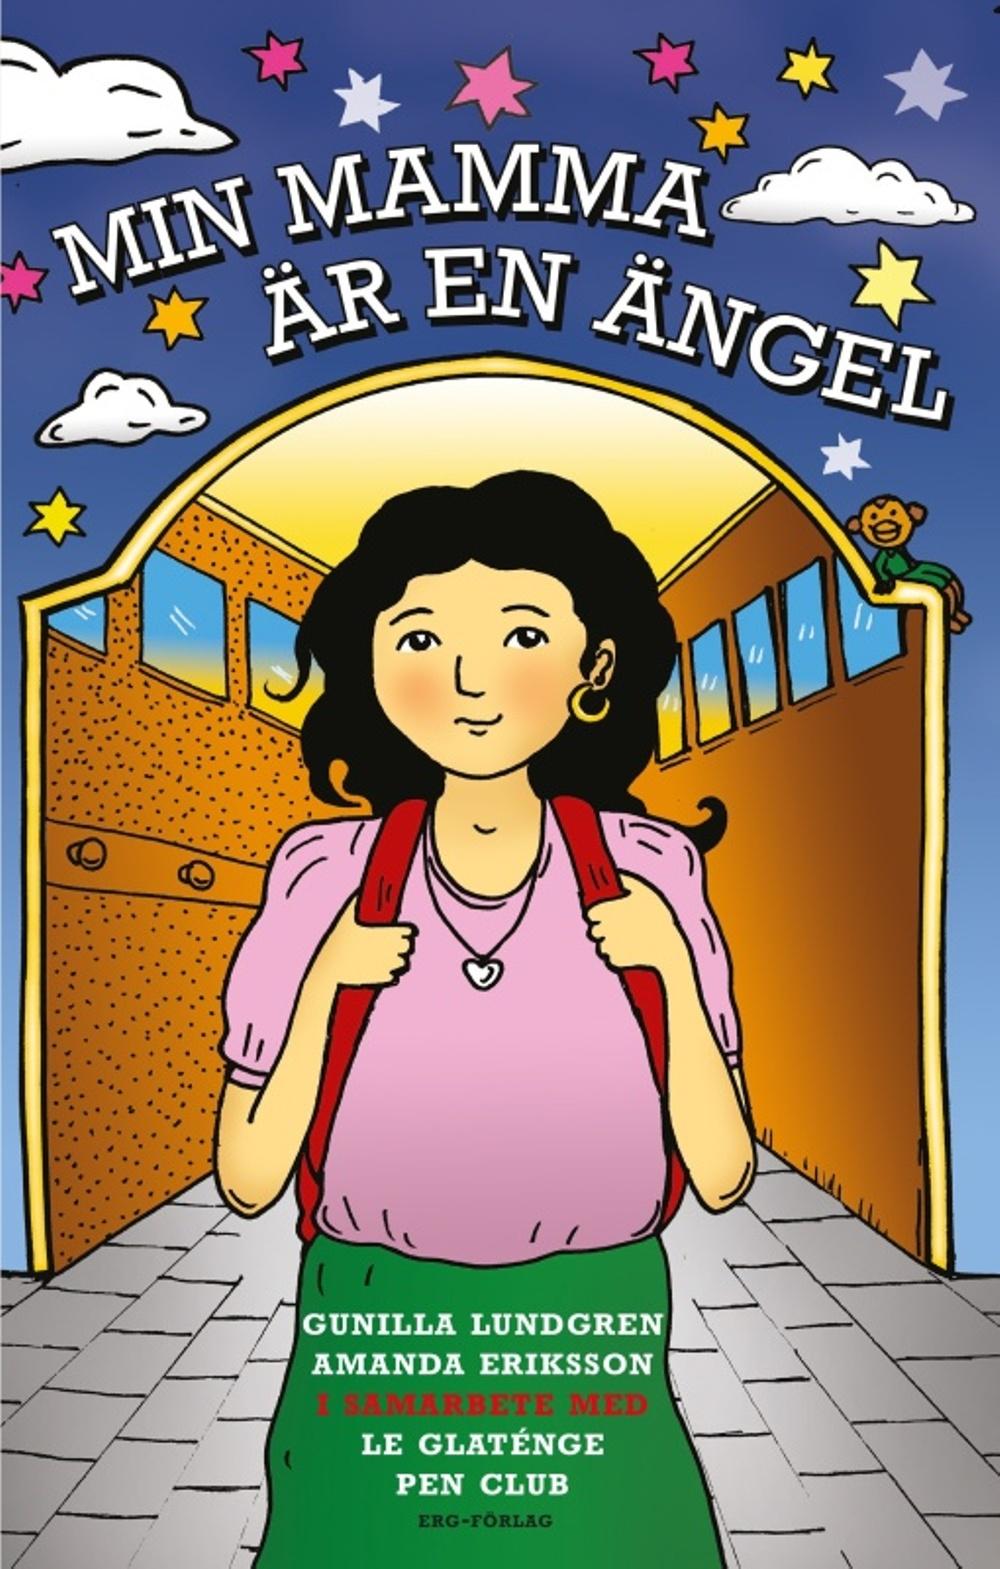 Omslag till Min mamma är en ängel av Gunilla Lundgren och La Gatenga Pen Club. Ills. Amanda Eriksson. Med tillstånd av Gunill Lundgren